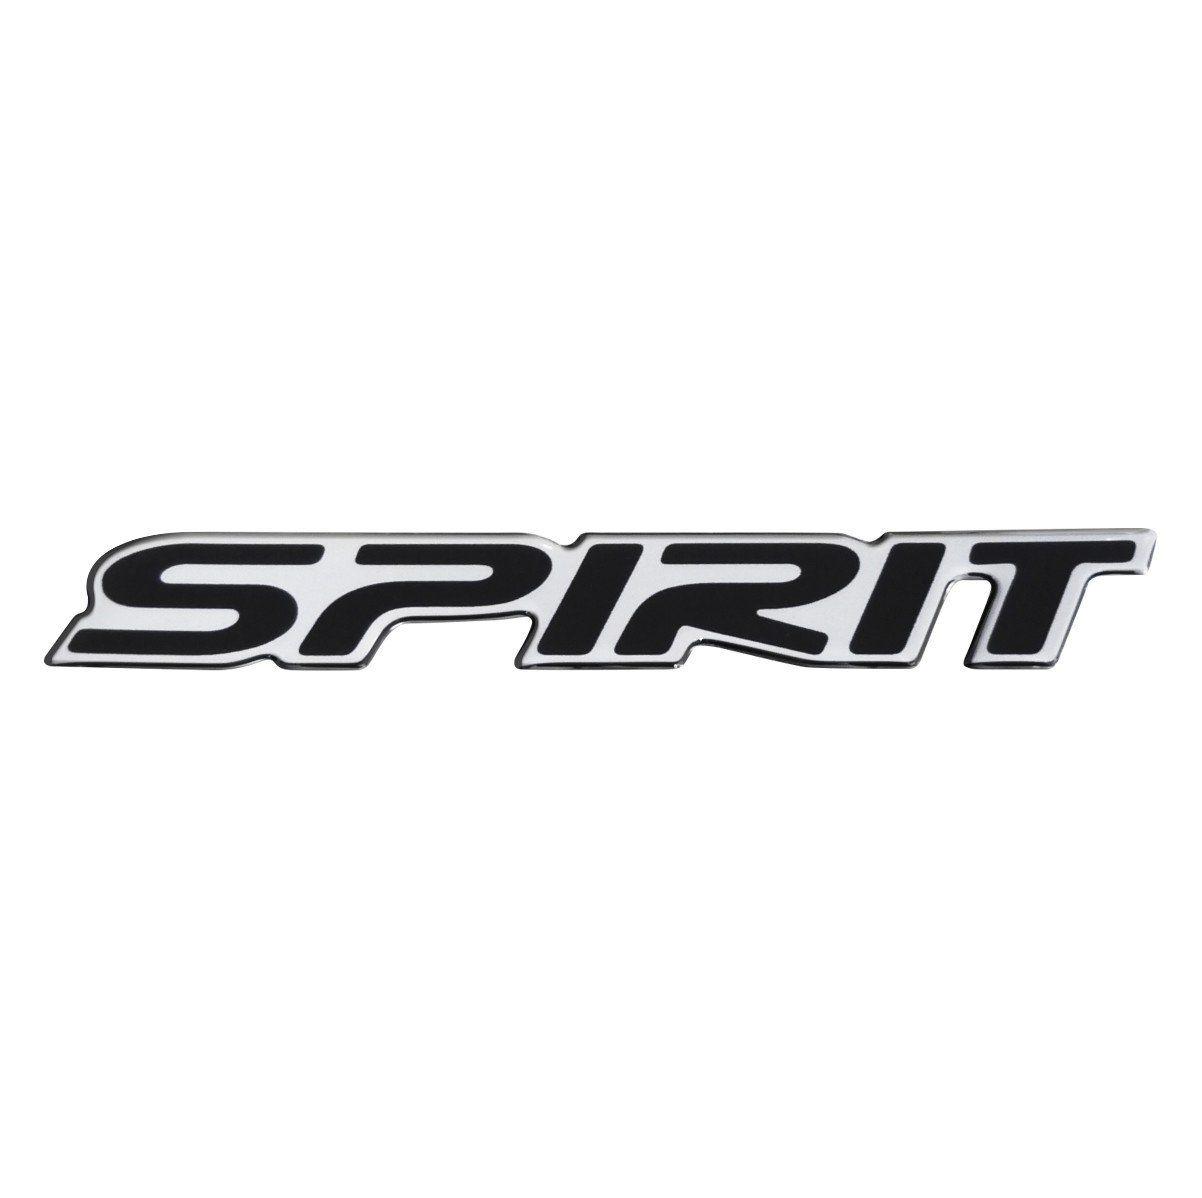 Adesivo Emblema Resinado Spirit Celta Corsa Meriva - Preto